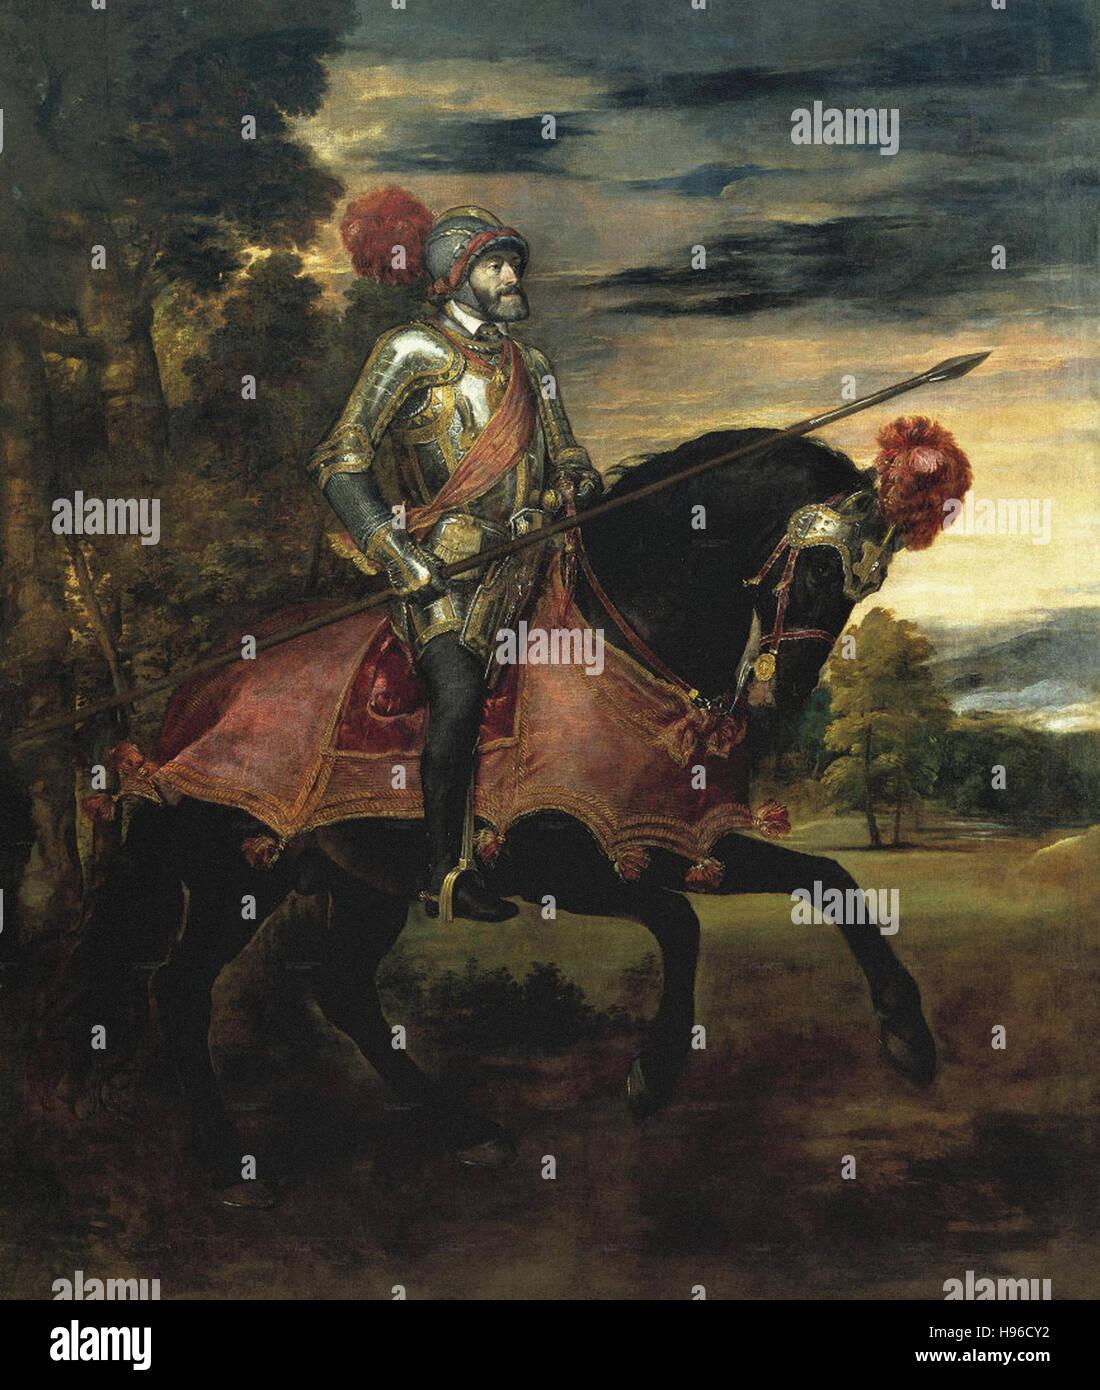 Tiziano Vecellio - Le Titien  - The Emperor Carlos V on horseback in Mühlberg - - Stock Image